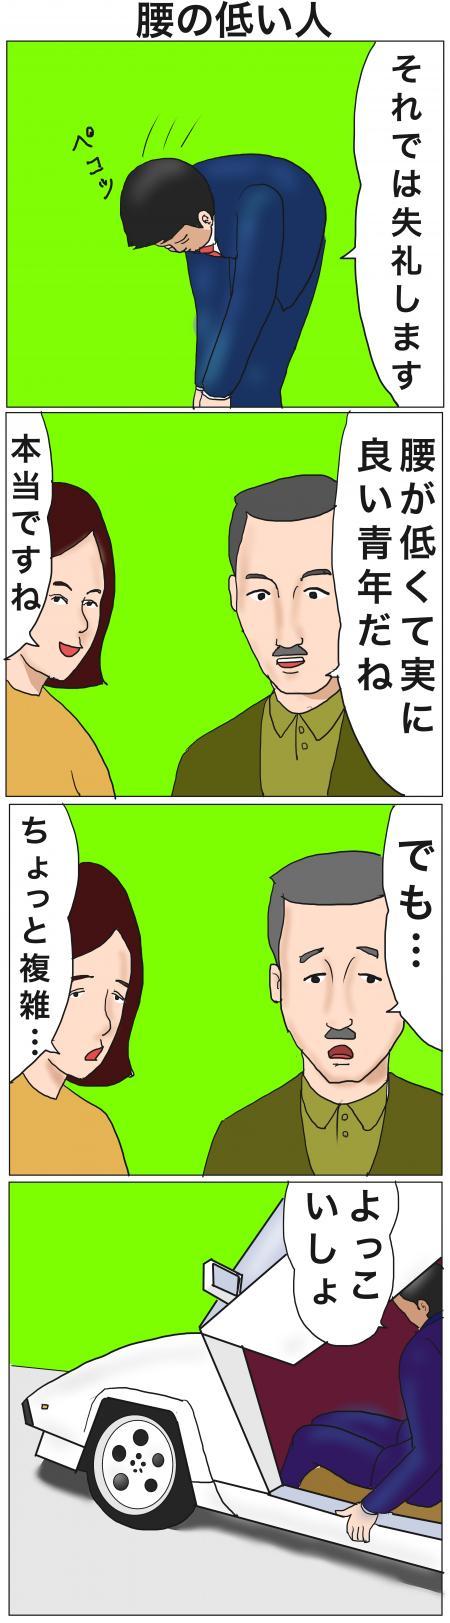 腰の低い人+のコピー_convert_20150419170915